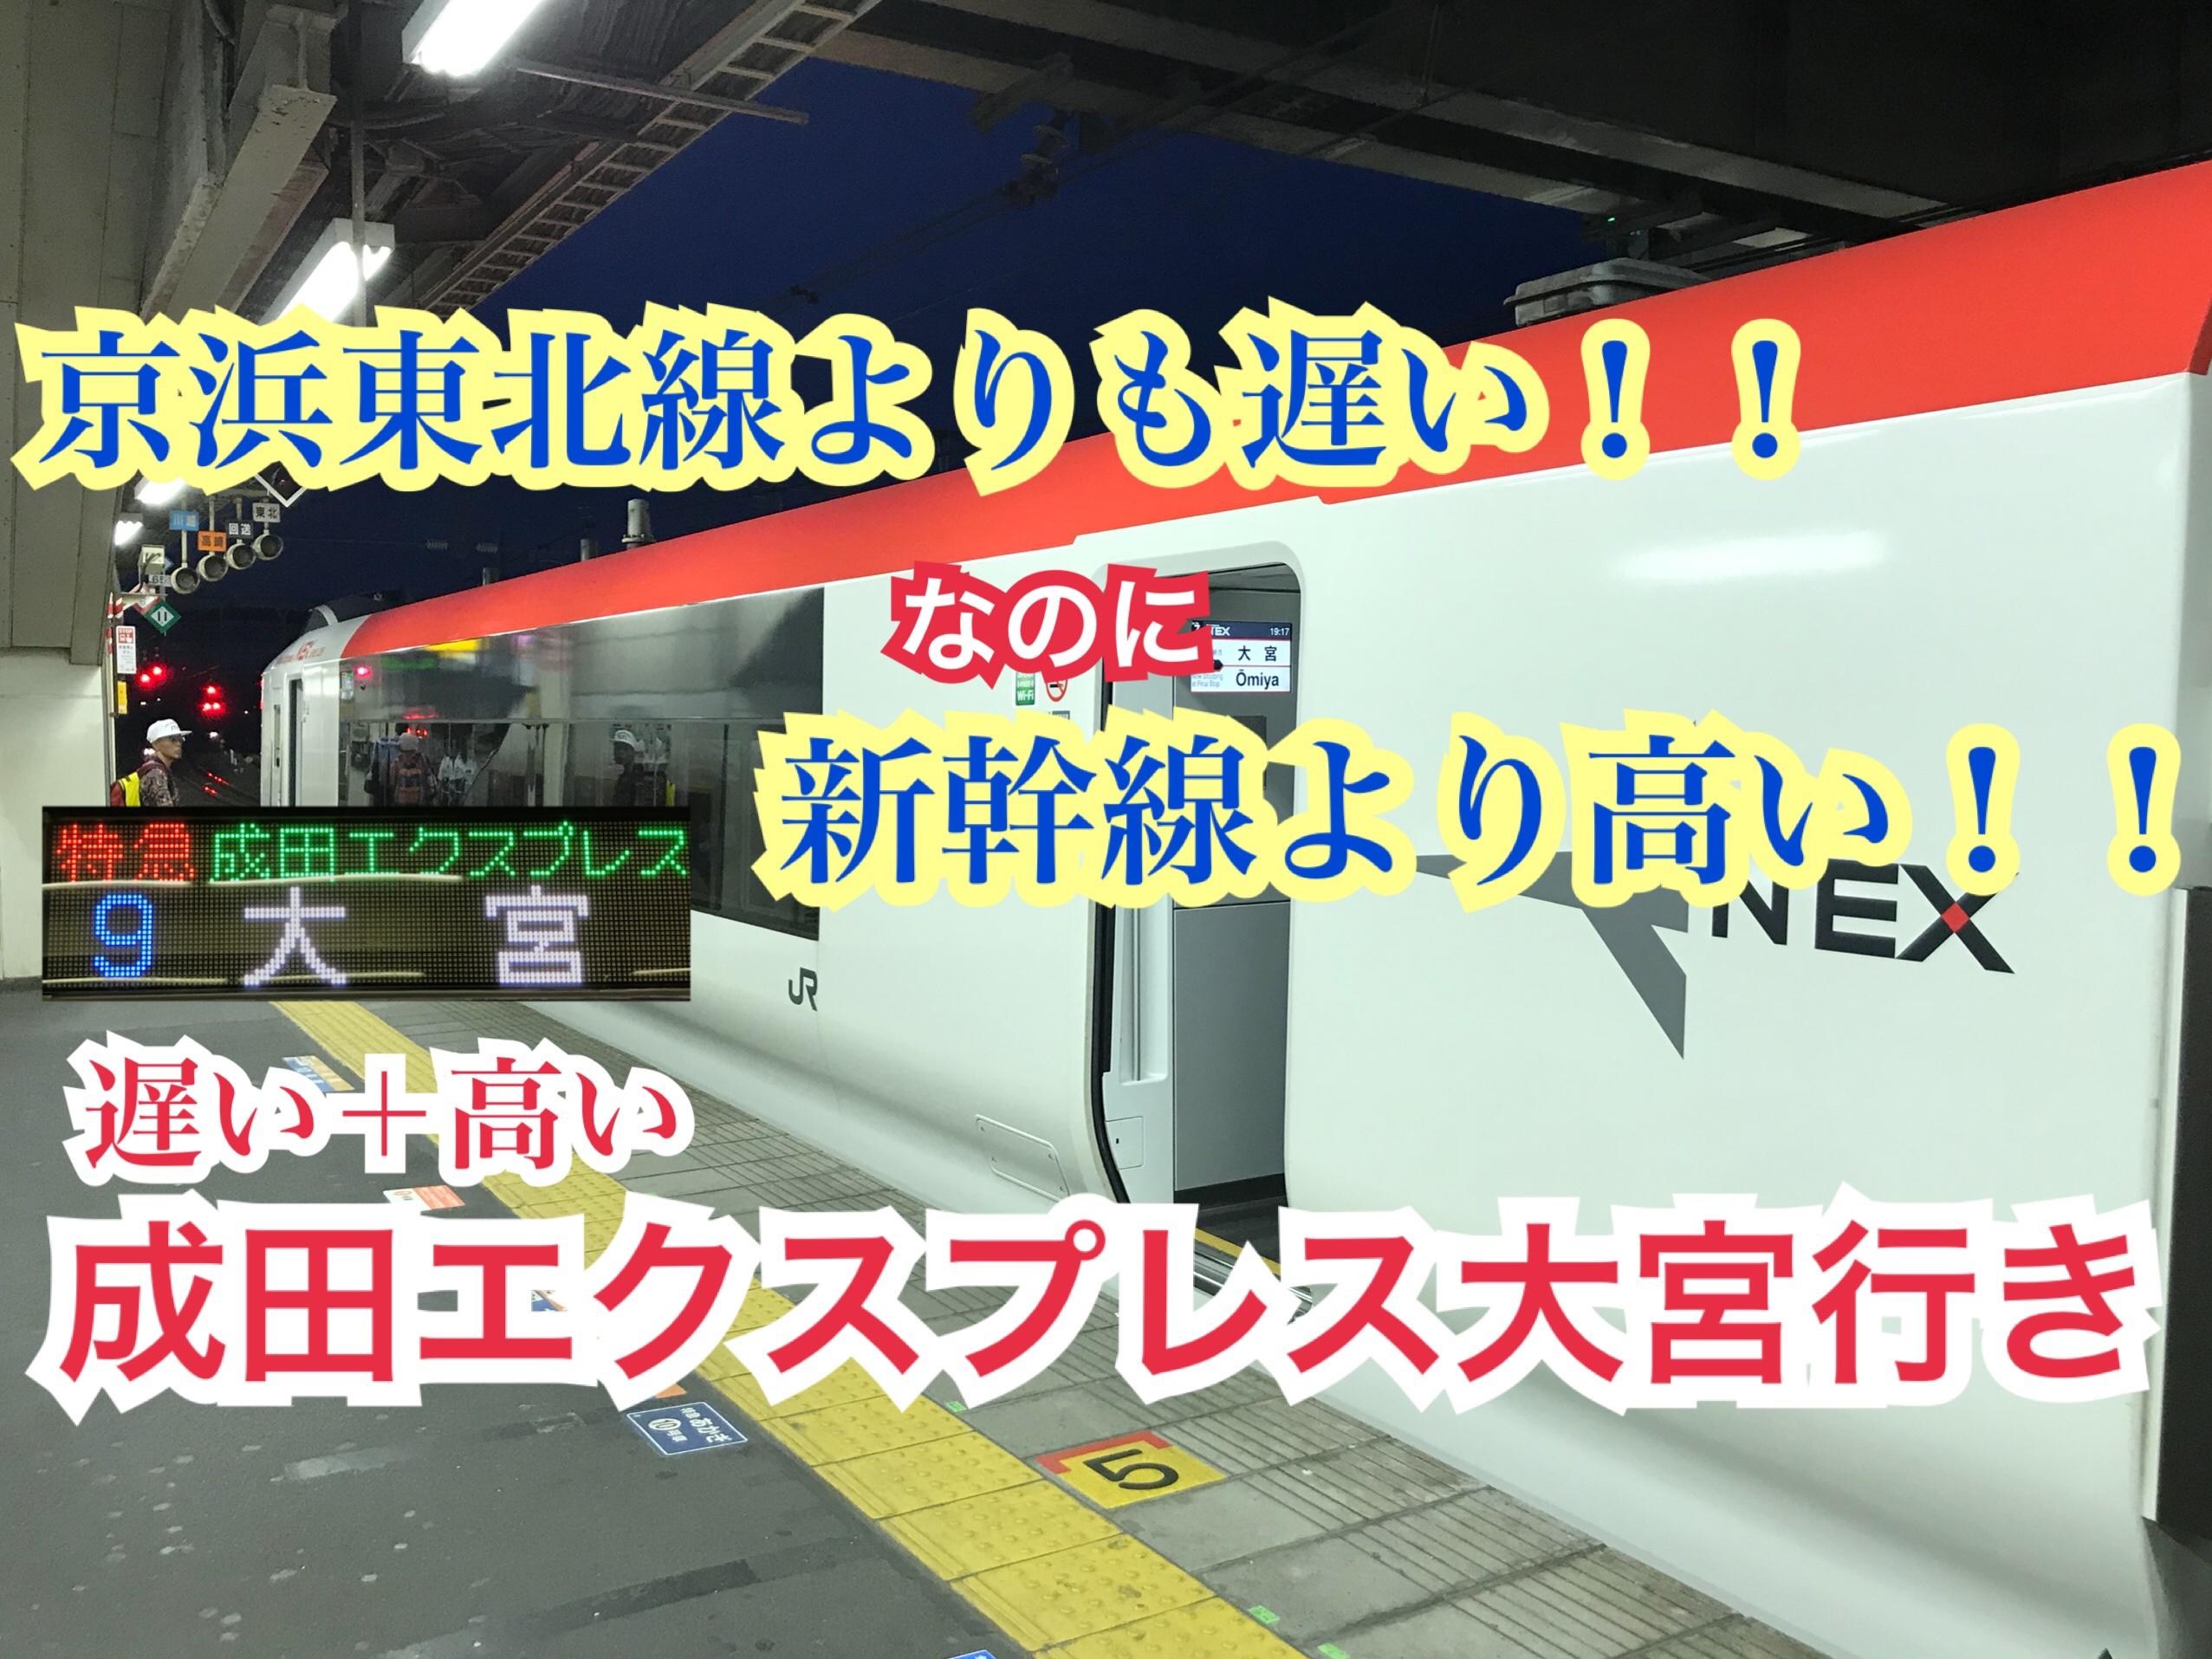 京浜東北線より遅い成田エクスプレス大宮行き。高くて遅い成田エクスプレス!!【N'EX 大宮】